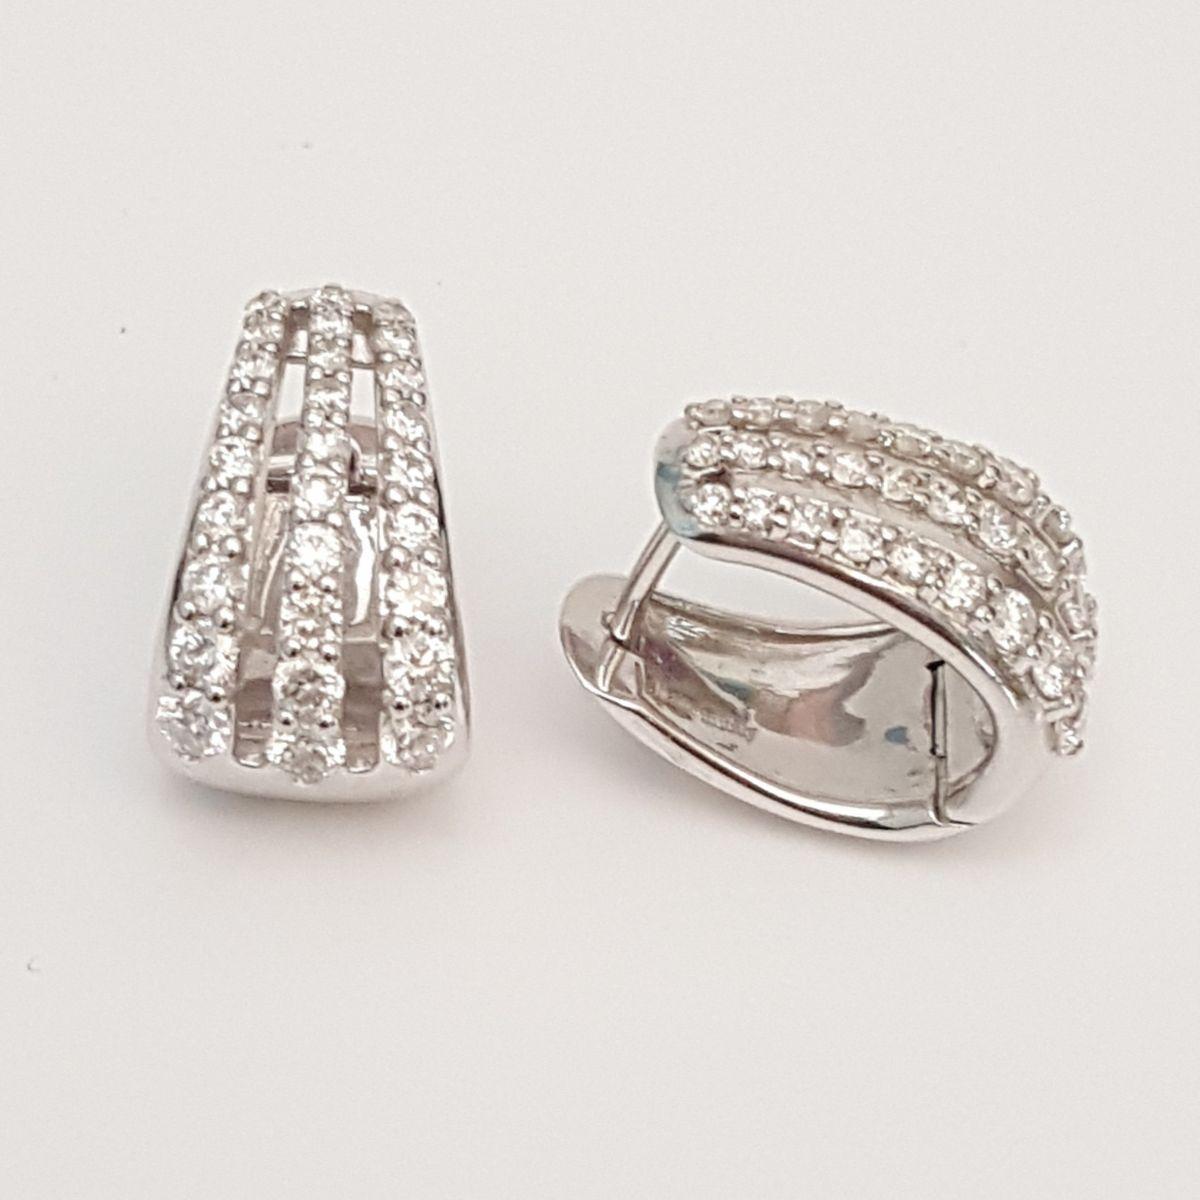 San Francisco 6f4c9 a7cc2 Orecchini Davite & Delucchi Oro Bianco BB 0088433 05 con Diamanti